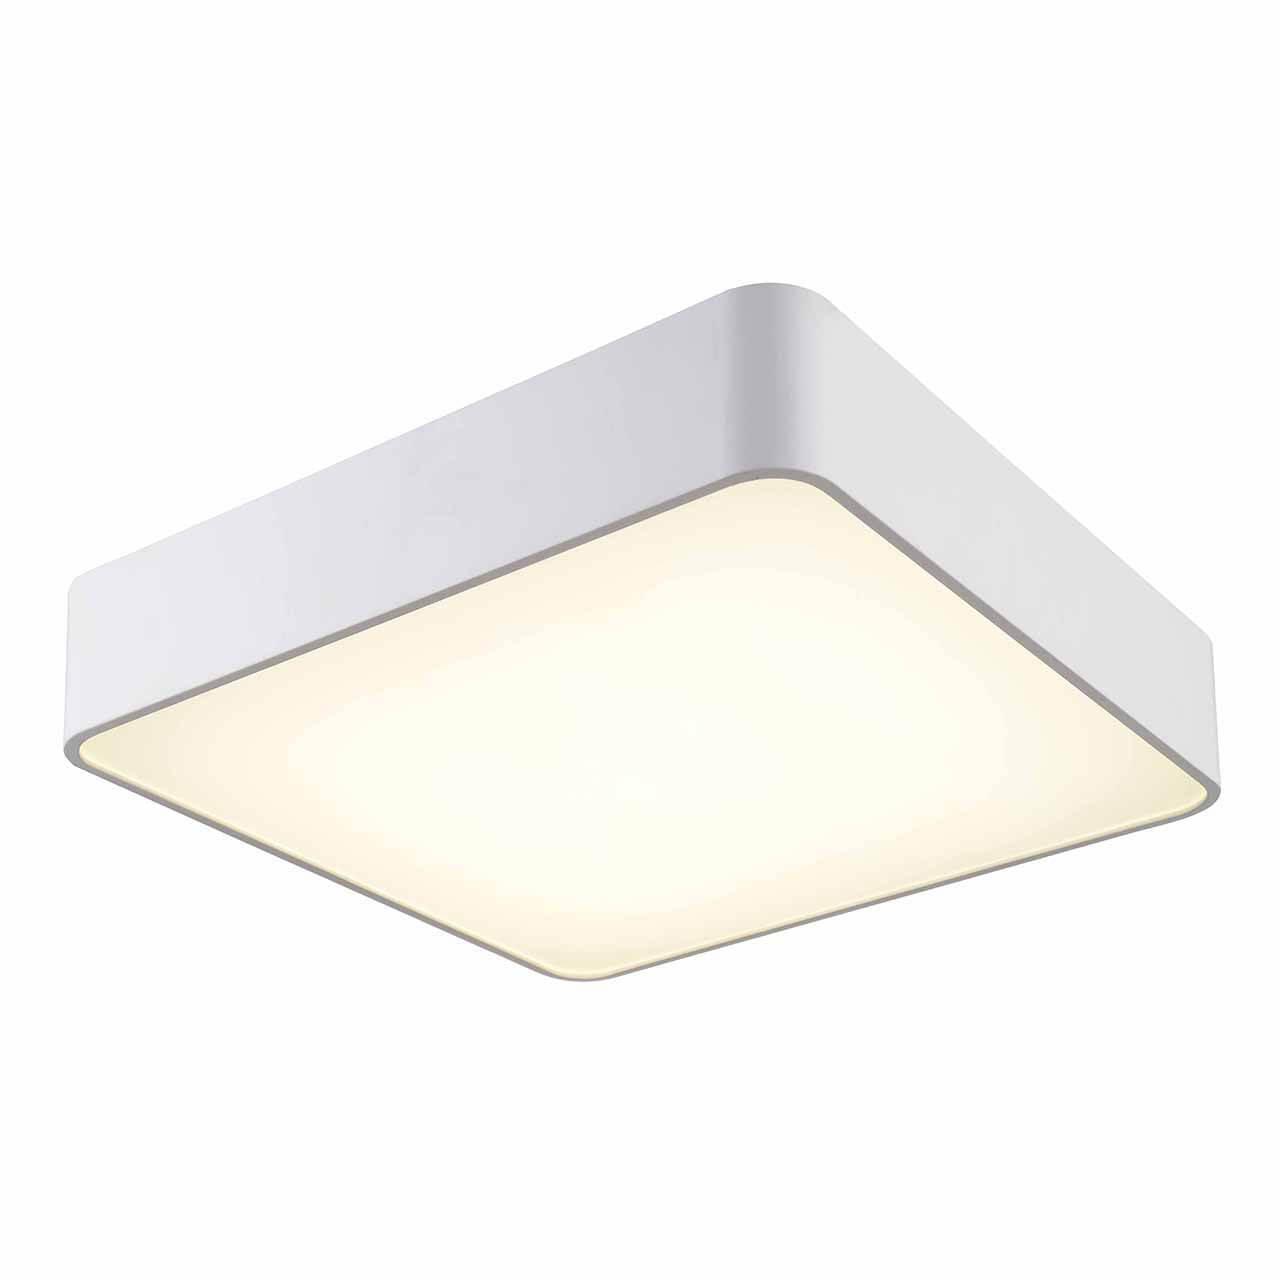 Потолочный светильник Mantra 5513, LED, 80 Вт потолочный светодиодный светильник mantra cumbuco 5501